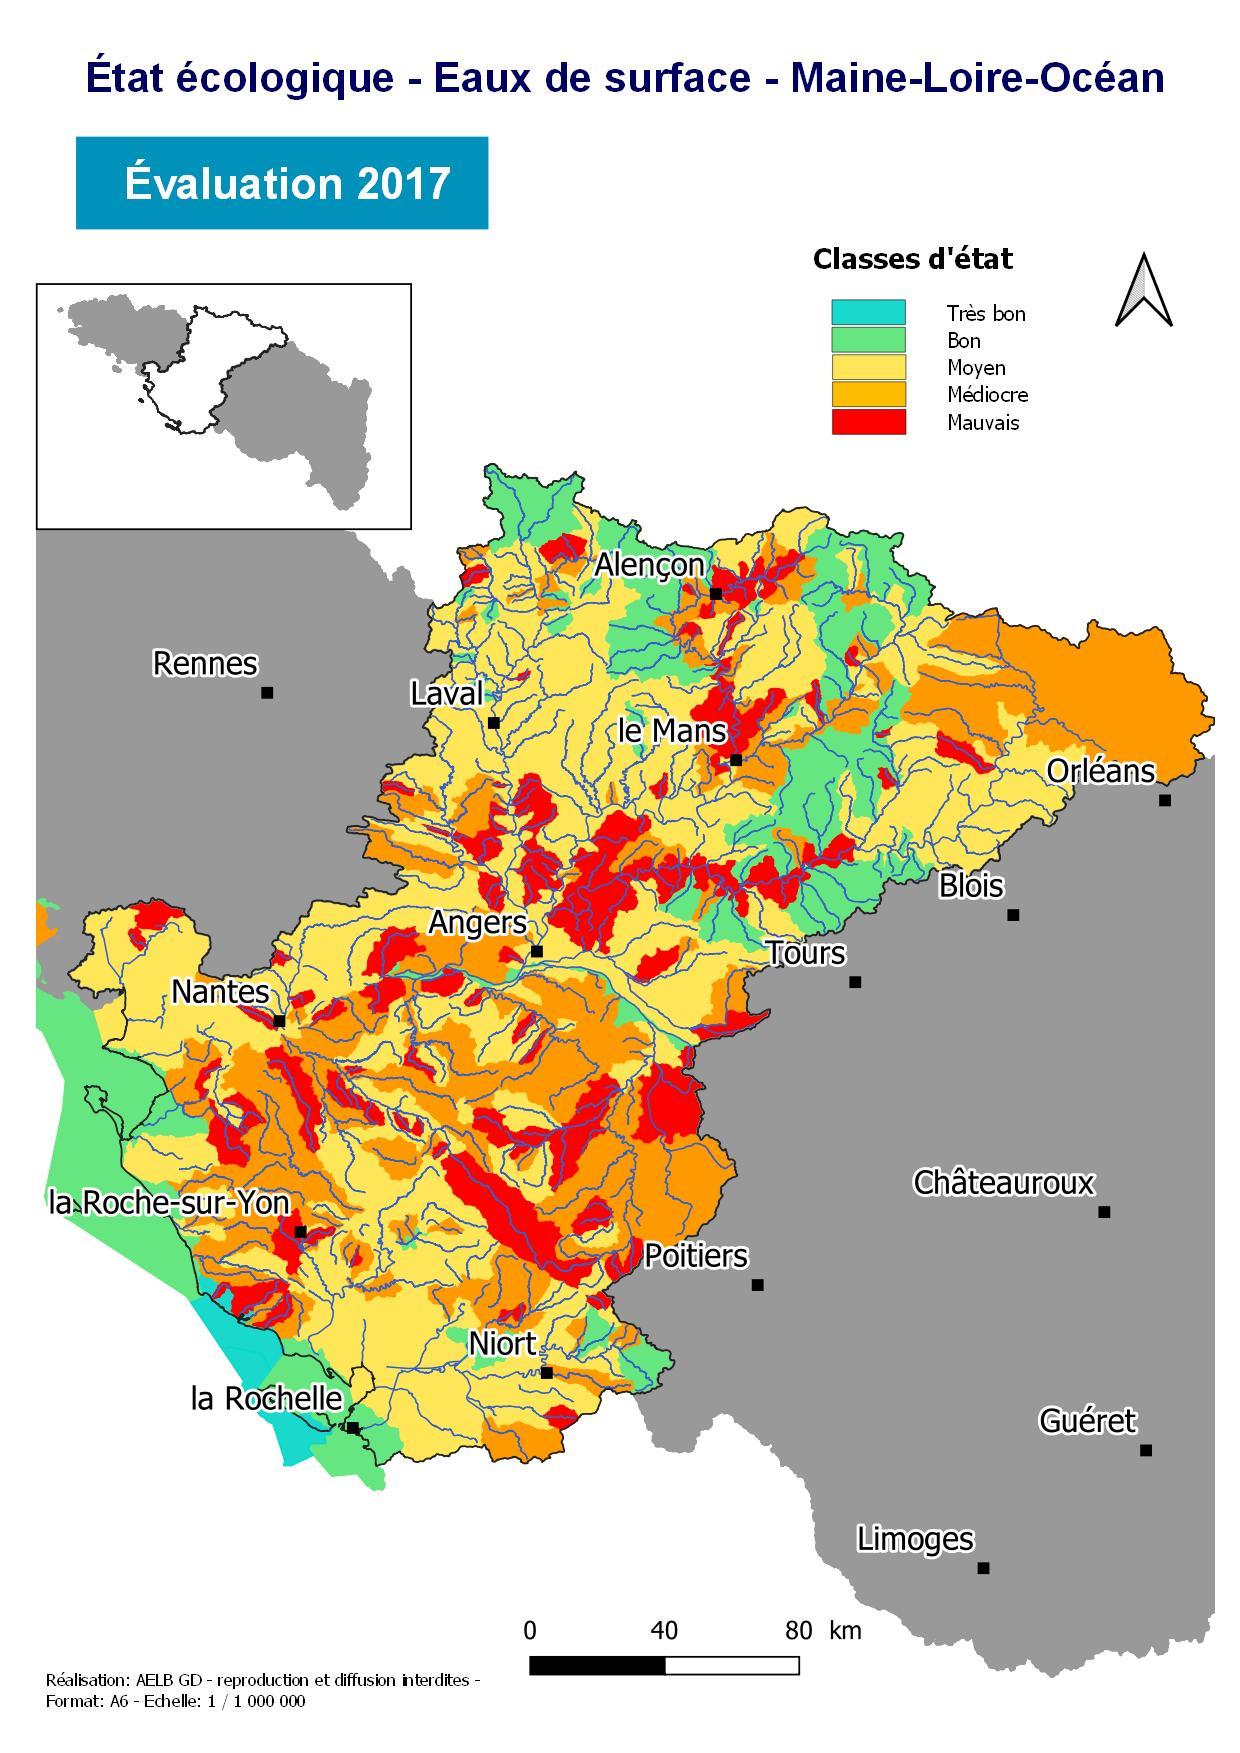 Évaluation 2017 de l'état écologique des eaux de surface - Maine-Loire-Océan